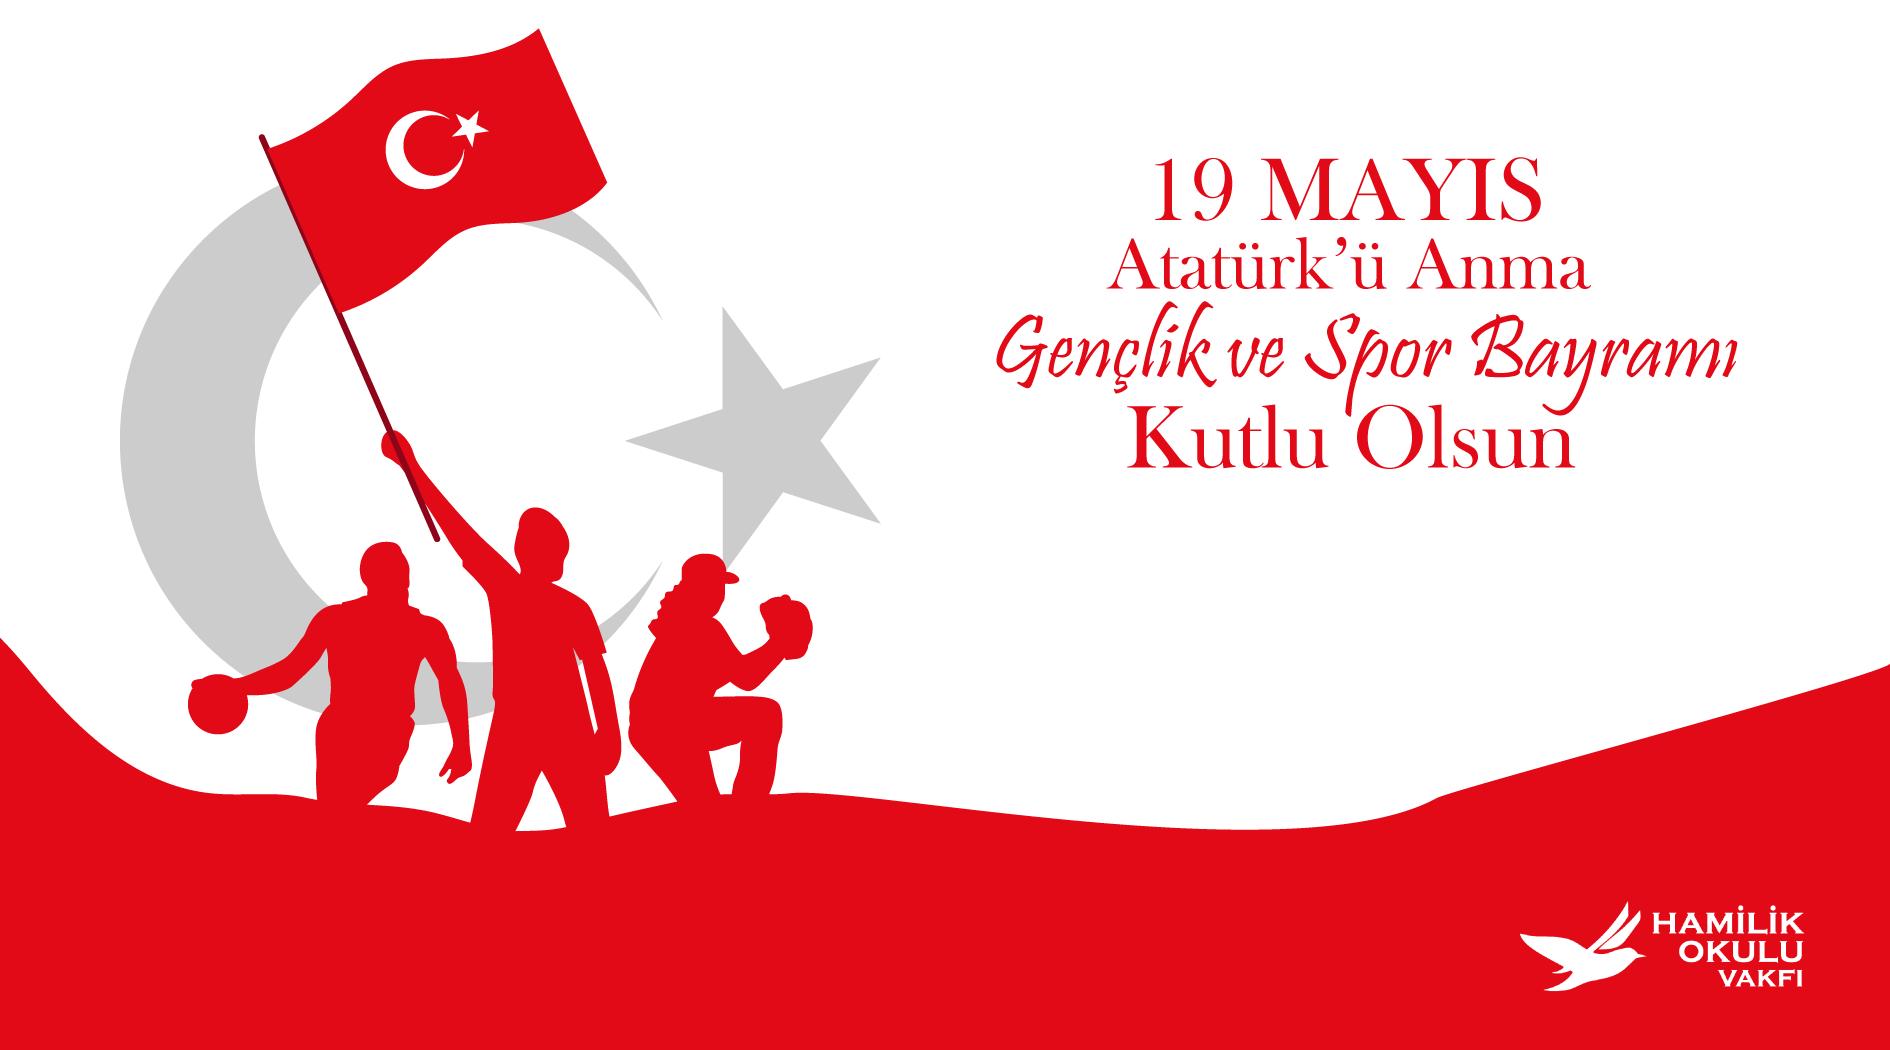 19 Mayıs Atatürk'ü Anma, Gençlik ve Spor Bayramı Kutlu Olsun! post thumbnail